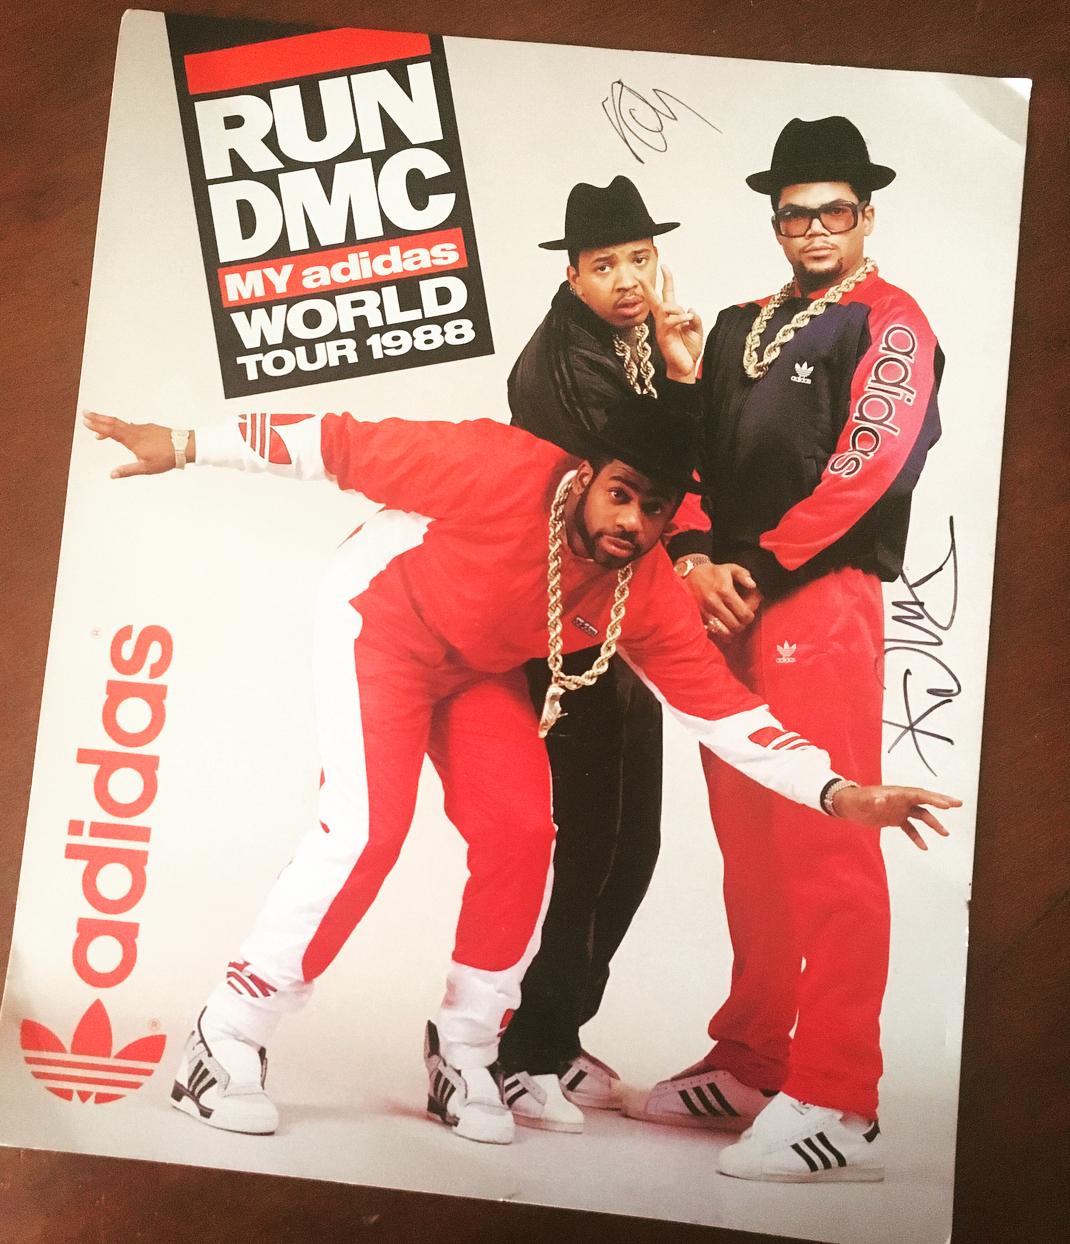 Run-D.M.C. - Nevük összeforrott az adidas Superstar cipővel